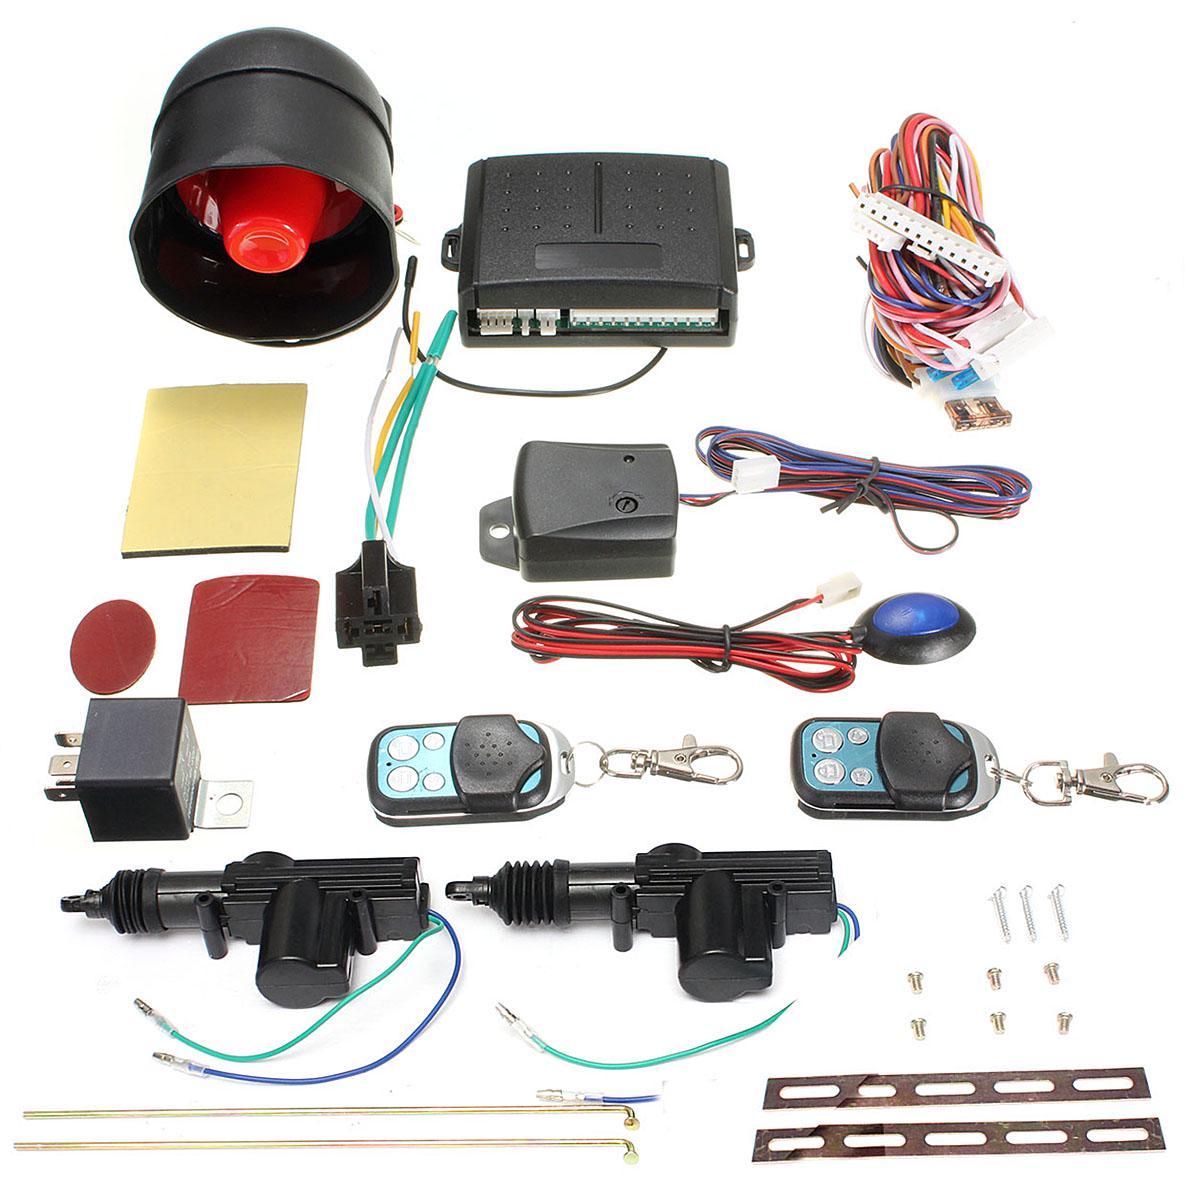 Système antivol de voiture avec deux Kit de verrouillage de porte de voiture système de Protection de sécurité d'alarme antivol de véhicule de voiture avec télécommande